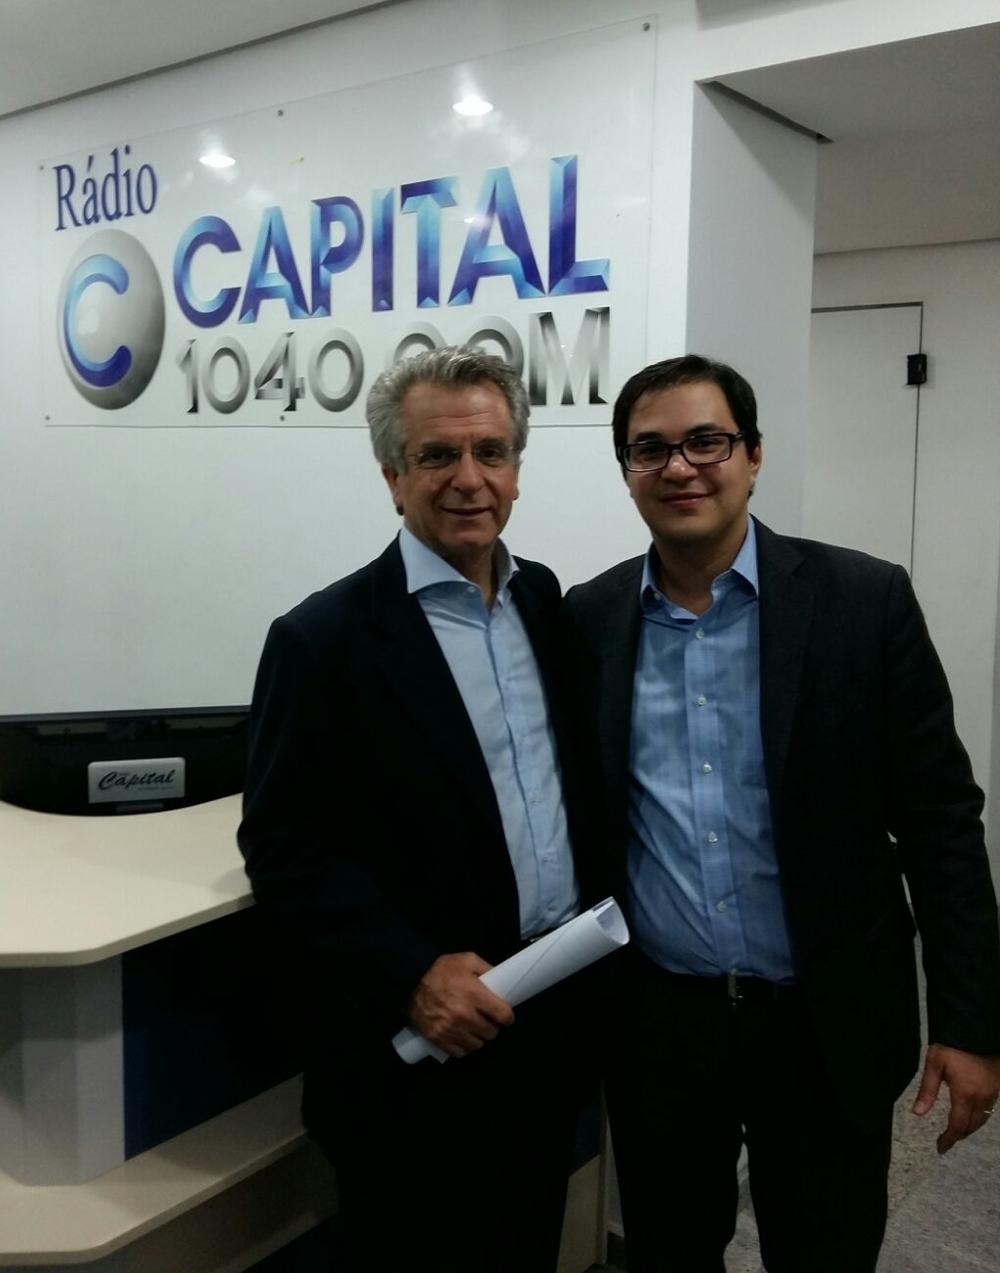 Fernando de Almeida Prado e o vereador Andrea Matarazzo após entrevista para a Rádio Capital AM sobre a nova lei de regulamentação dos empregados domésticos.